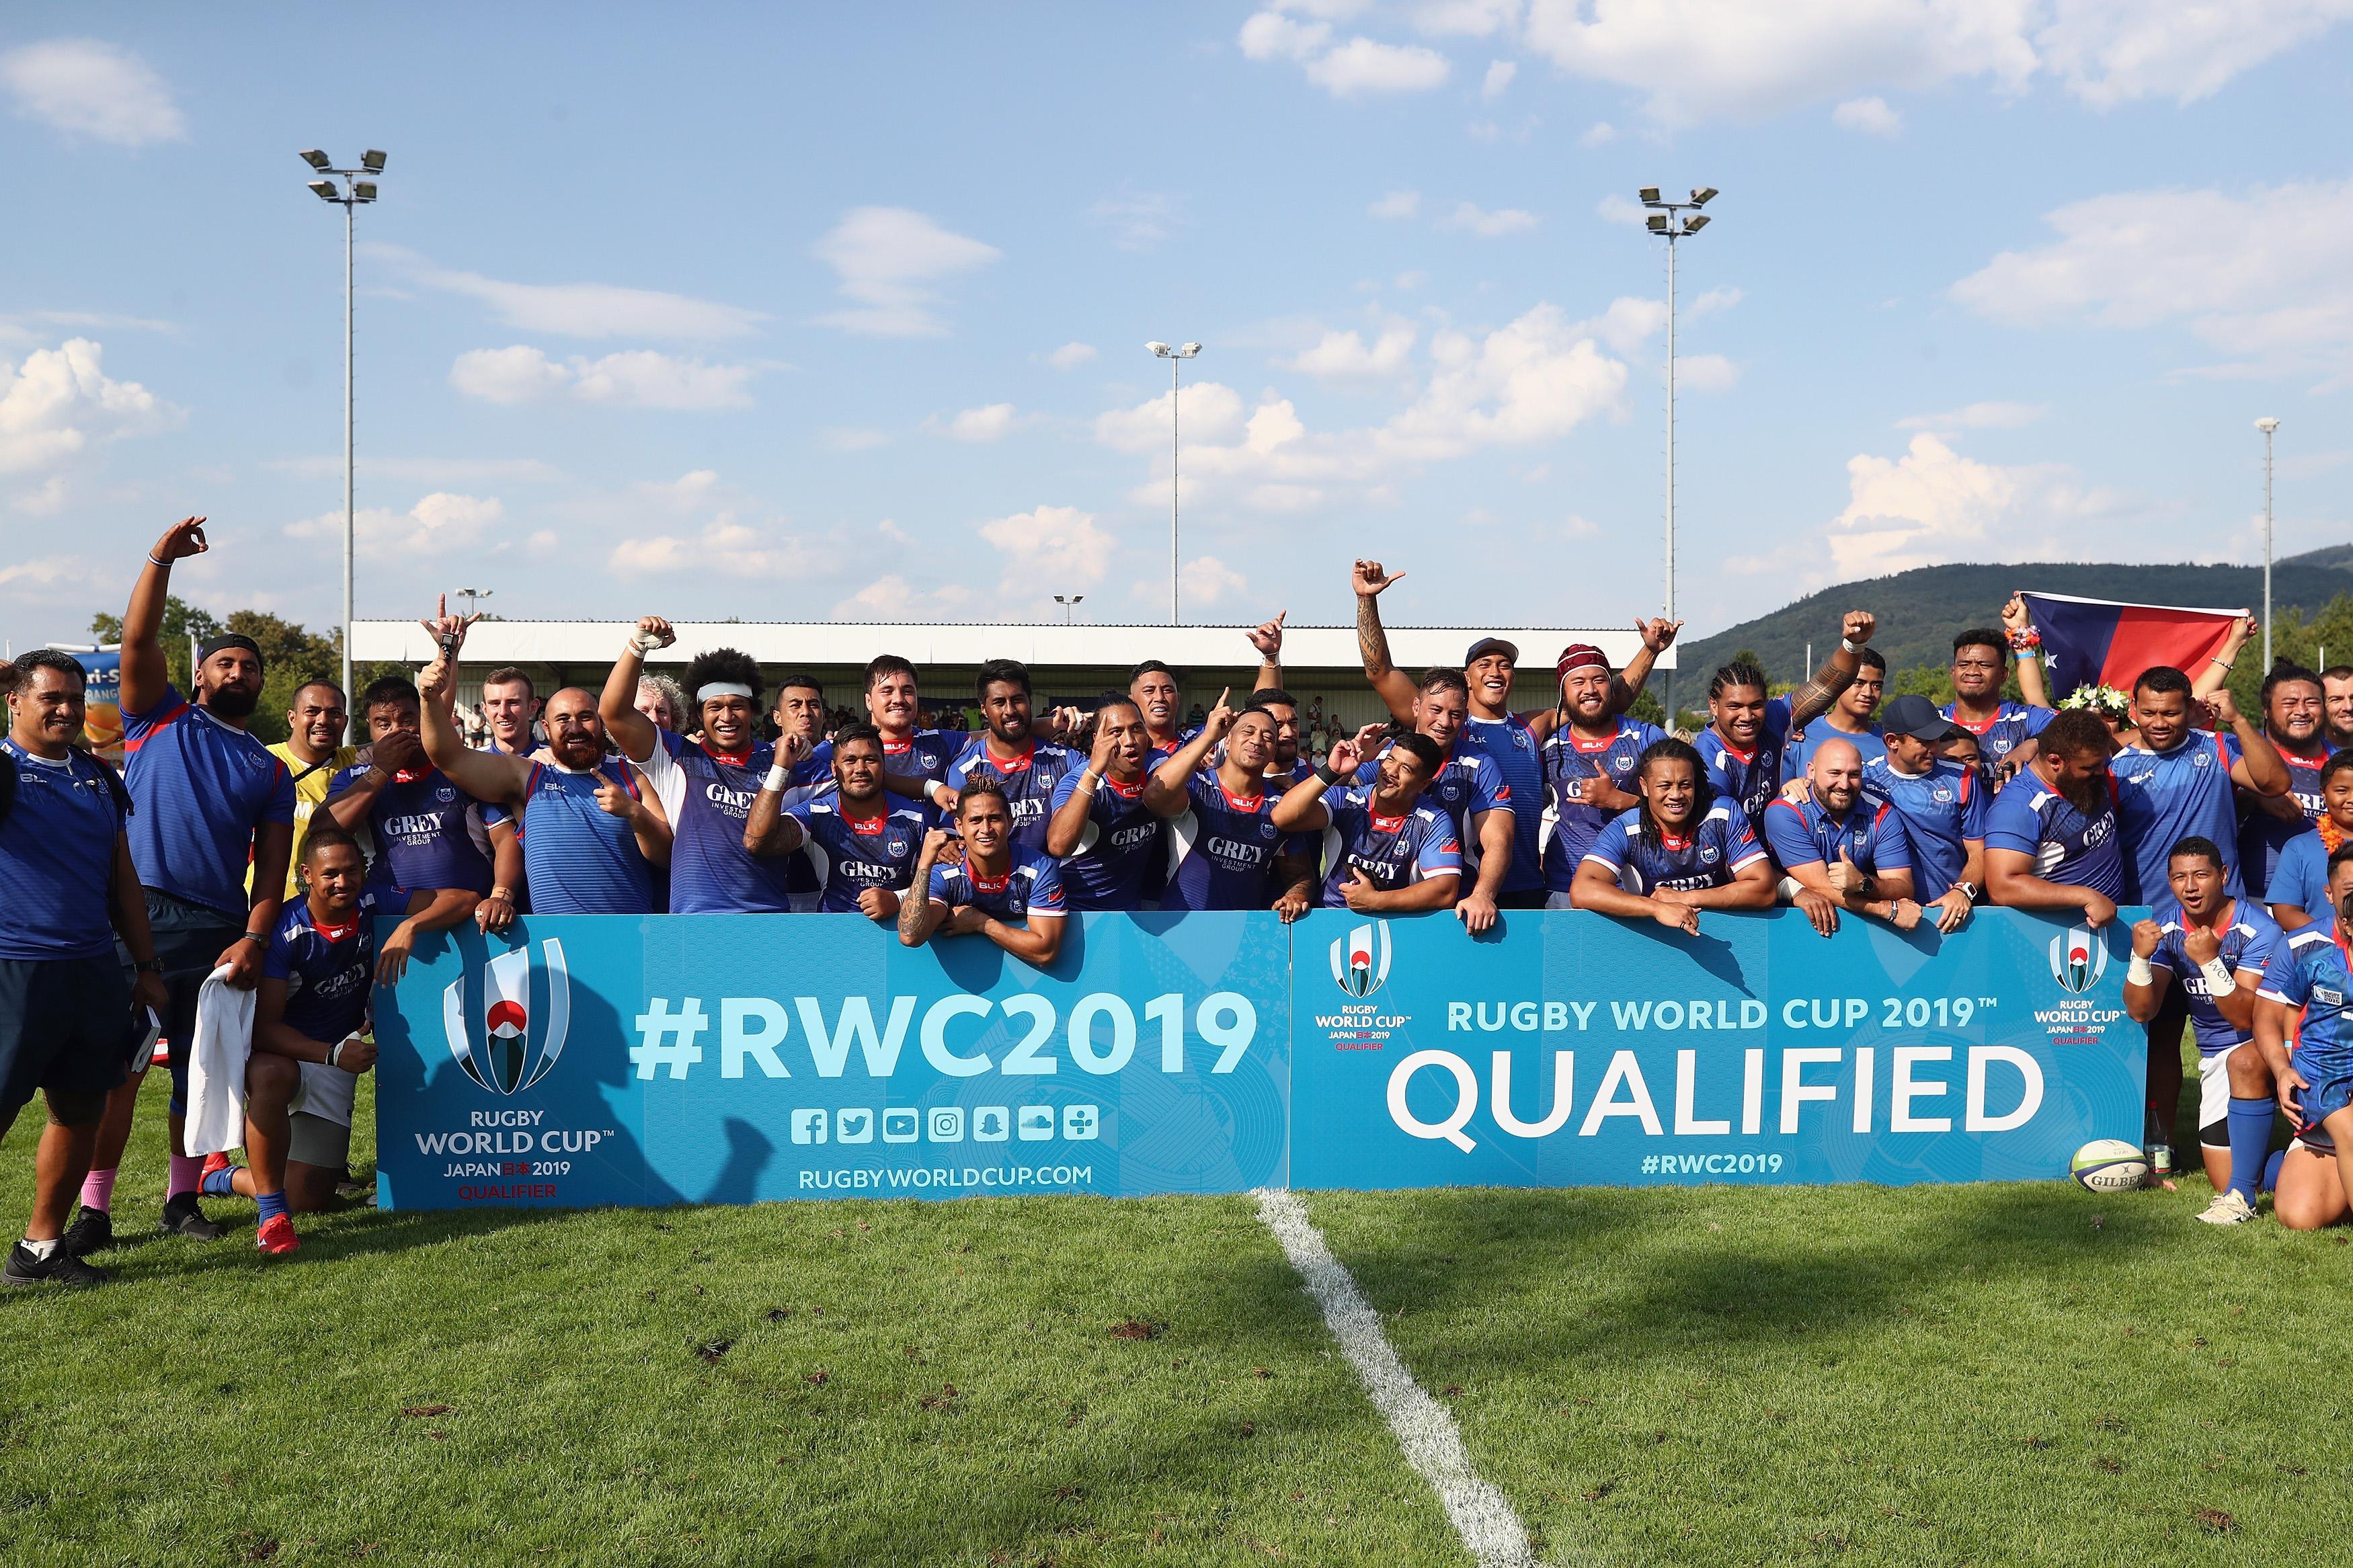 Rugby Wm 2023